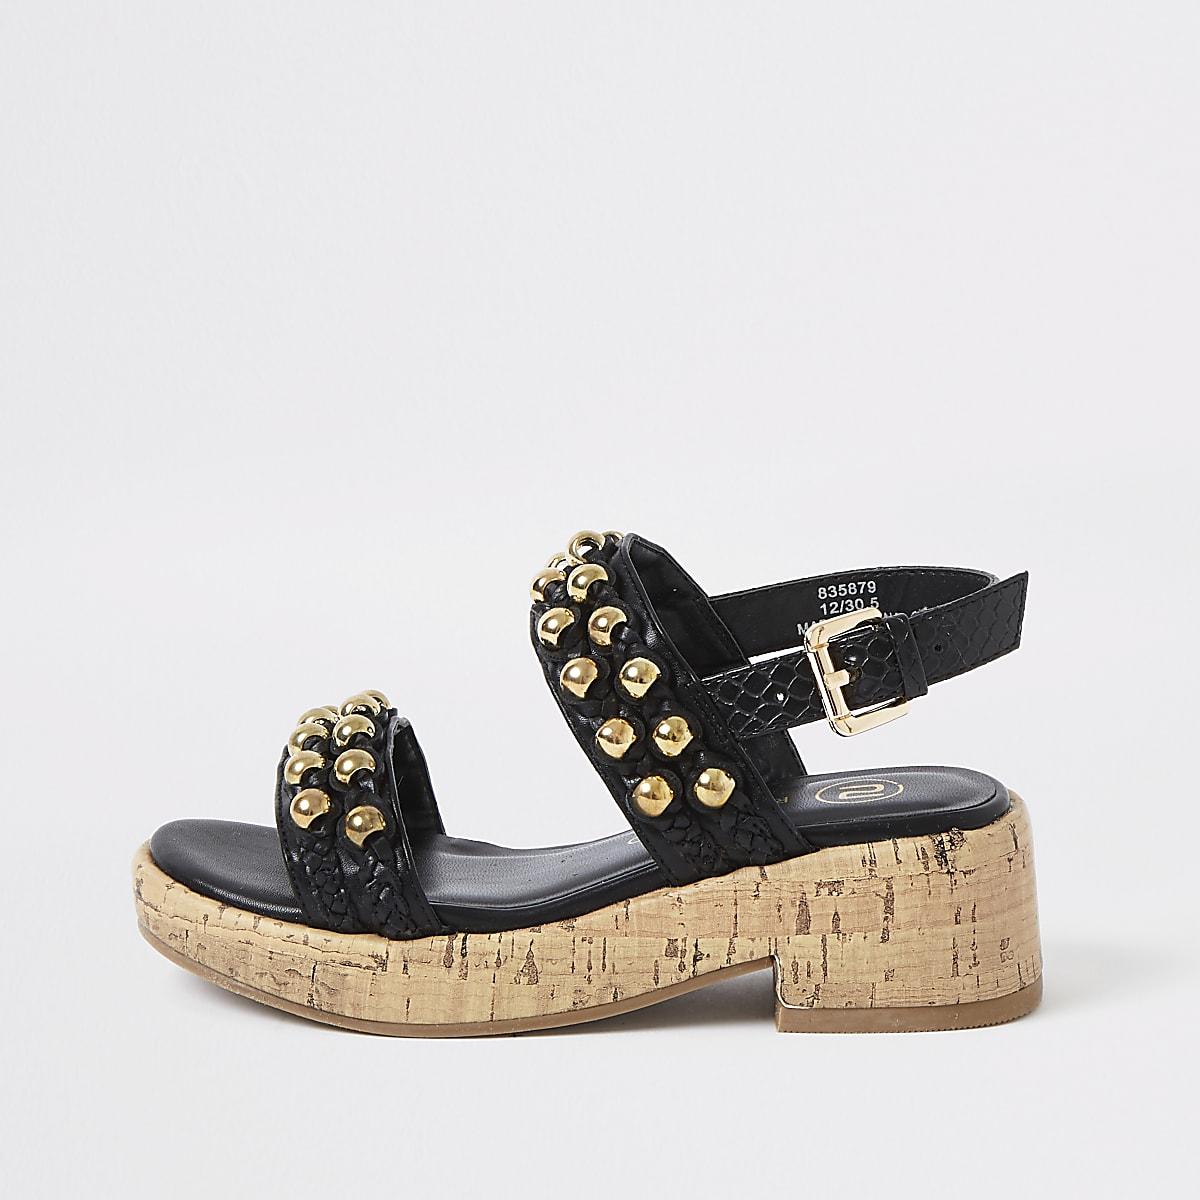 Sandales épaisses en liège noires ornées pour fille